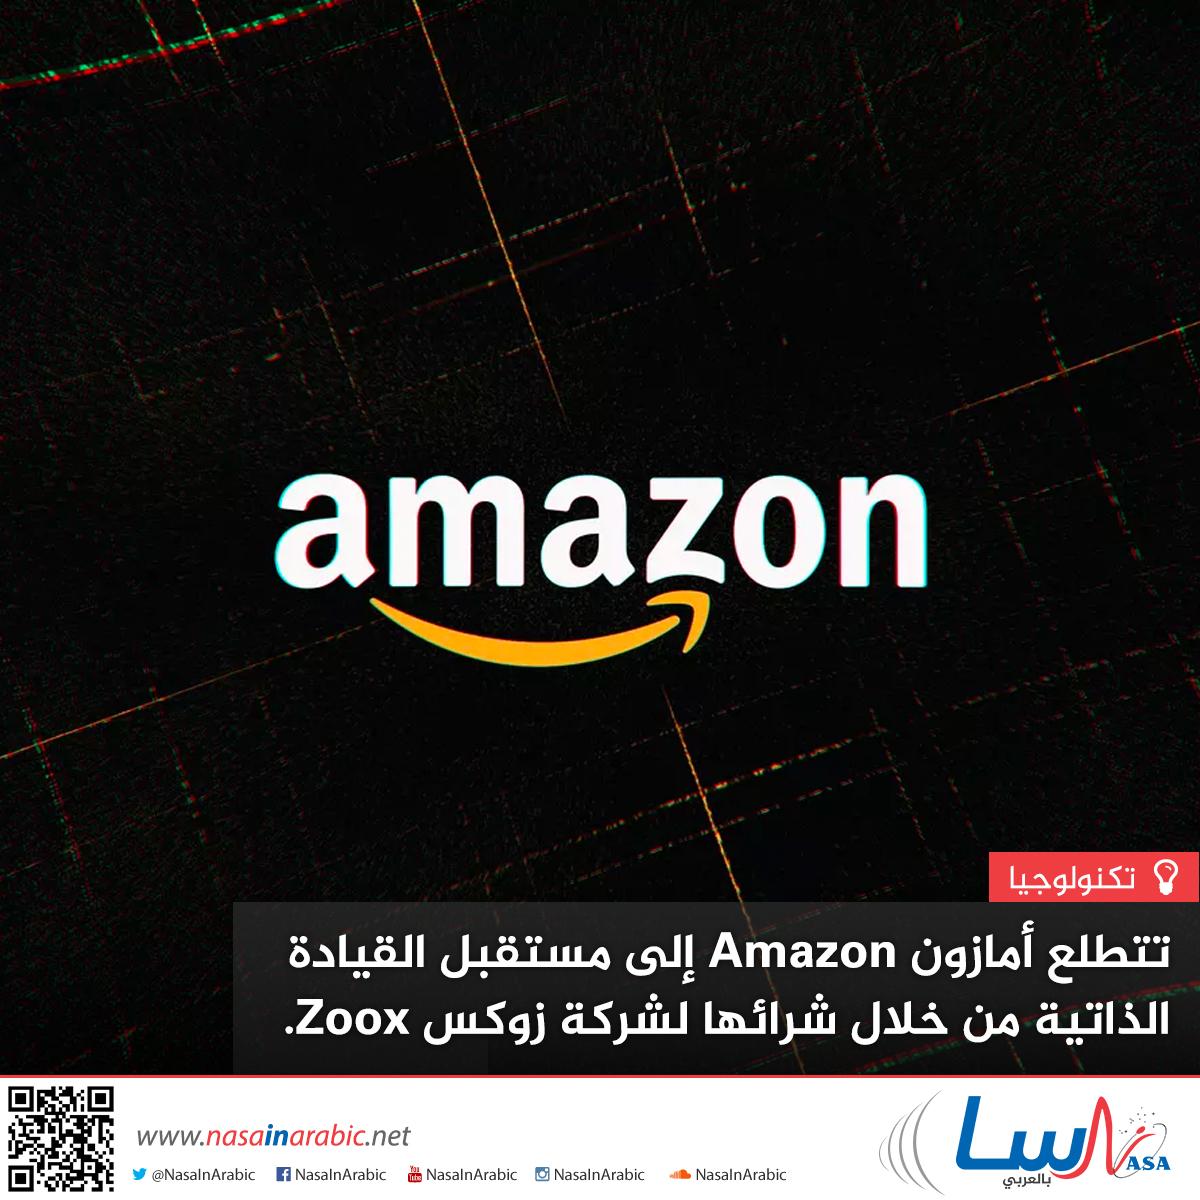 تتطلع أمازون Amazon إلى مستقبل القيادة الذاتية من خلال شرائها لشركة زوكس Zoox